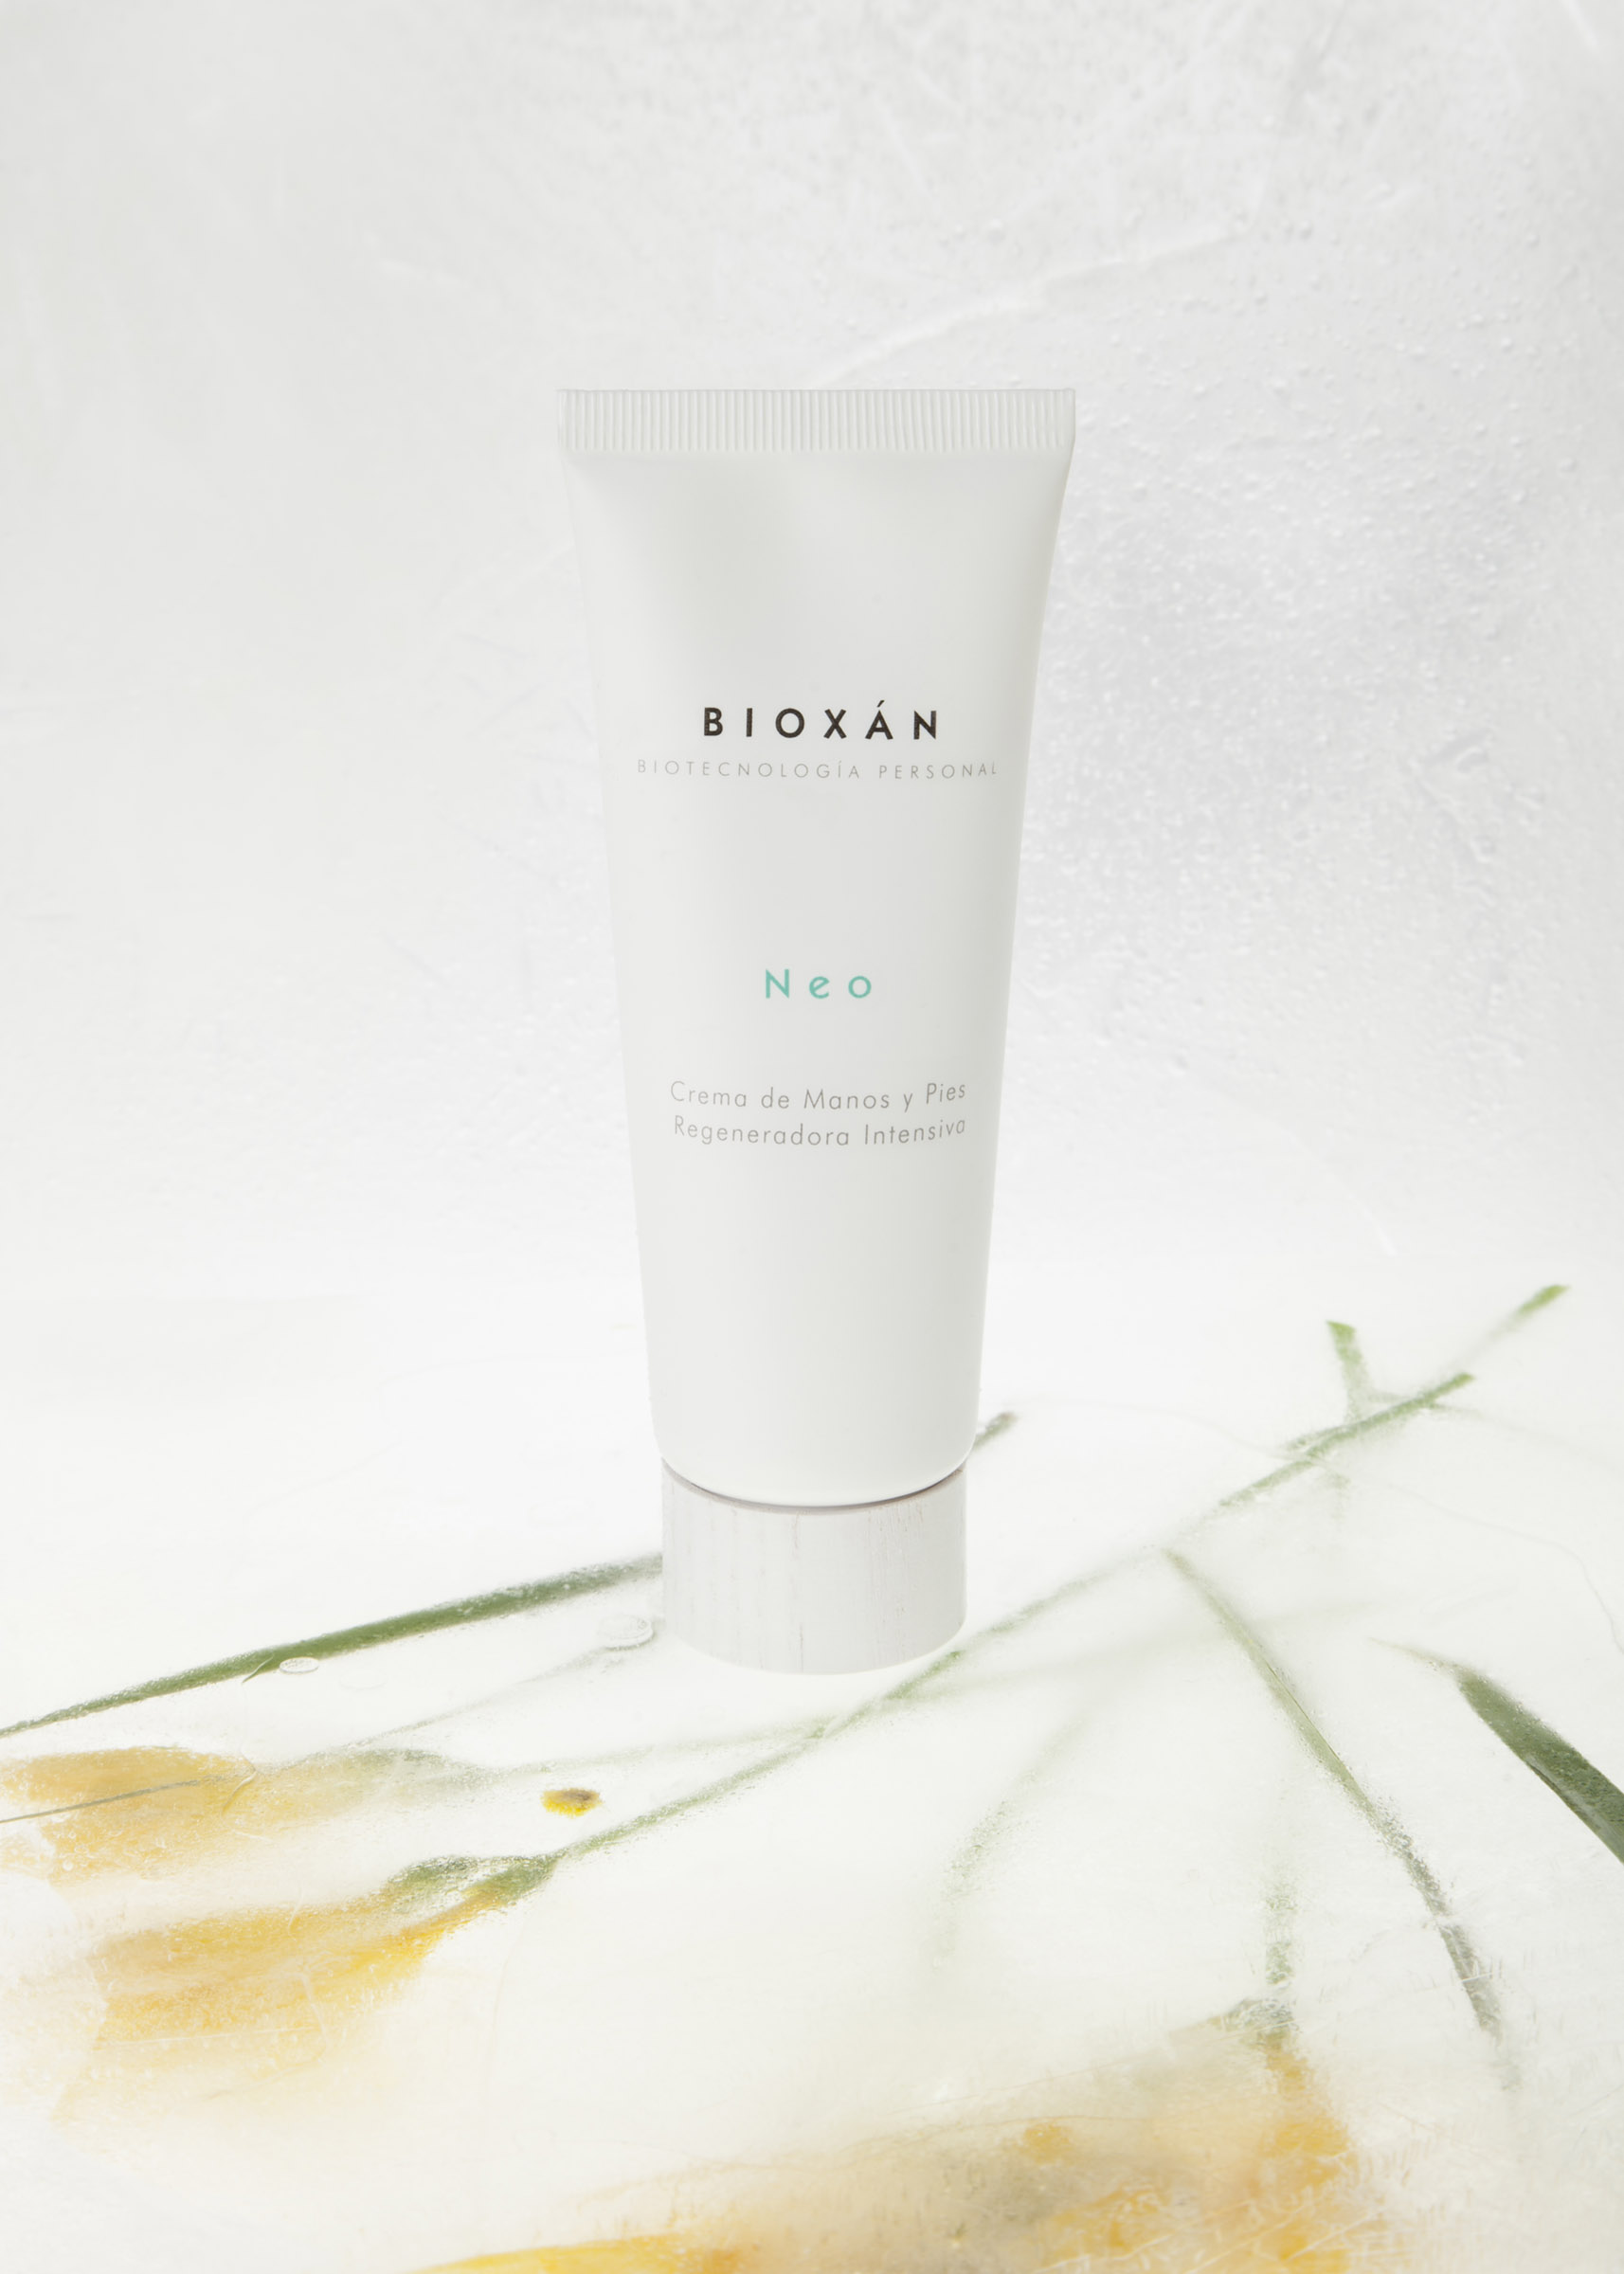 Bioxan_producto_07